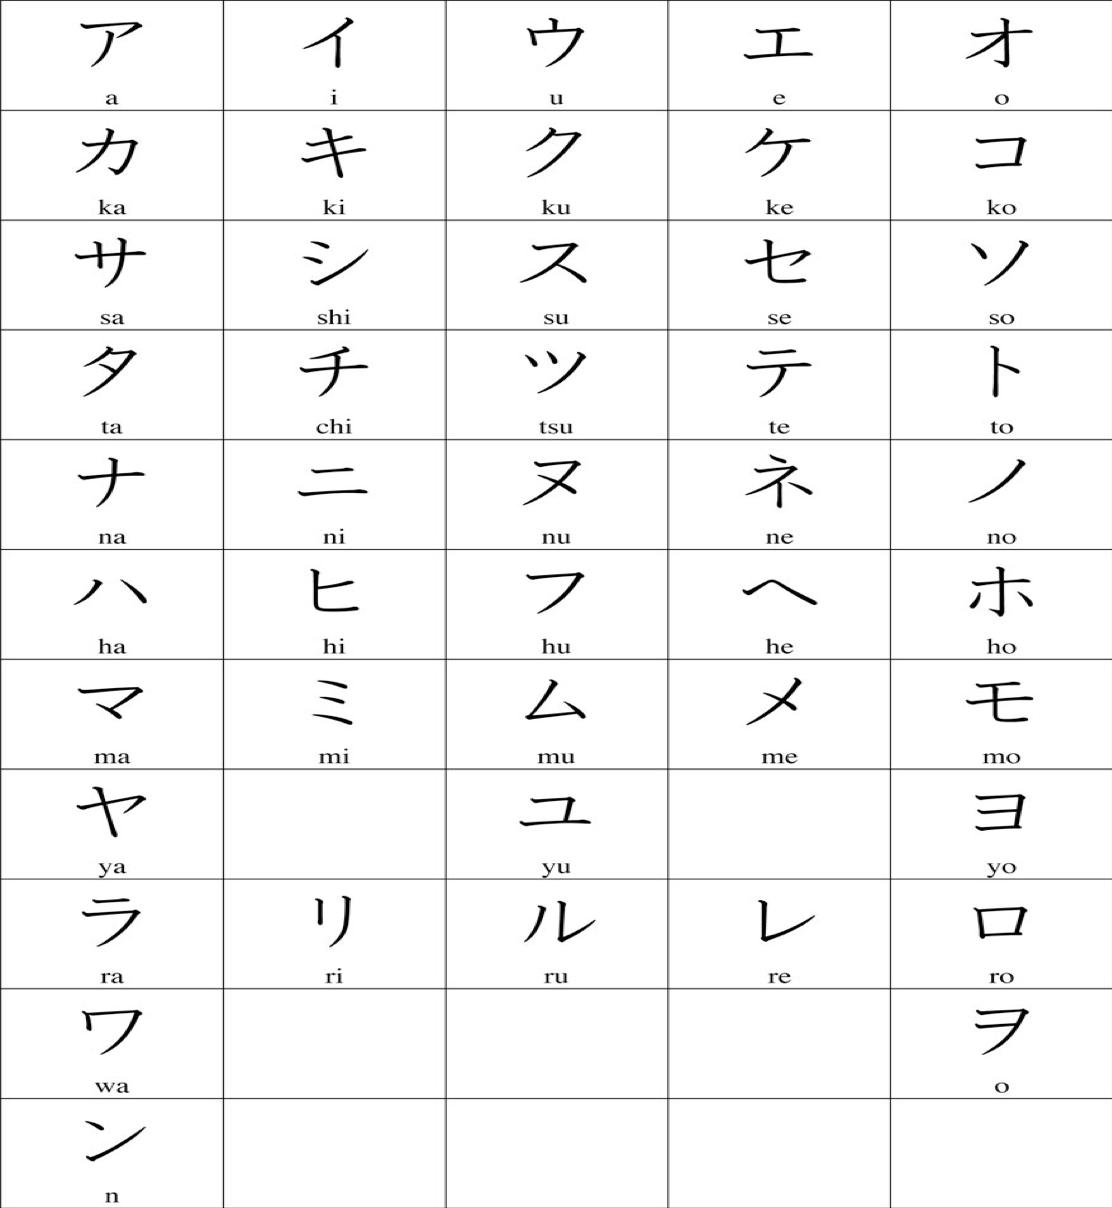 Học cách đọc bảng chữ cái Katakana